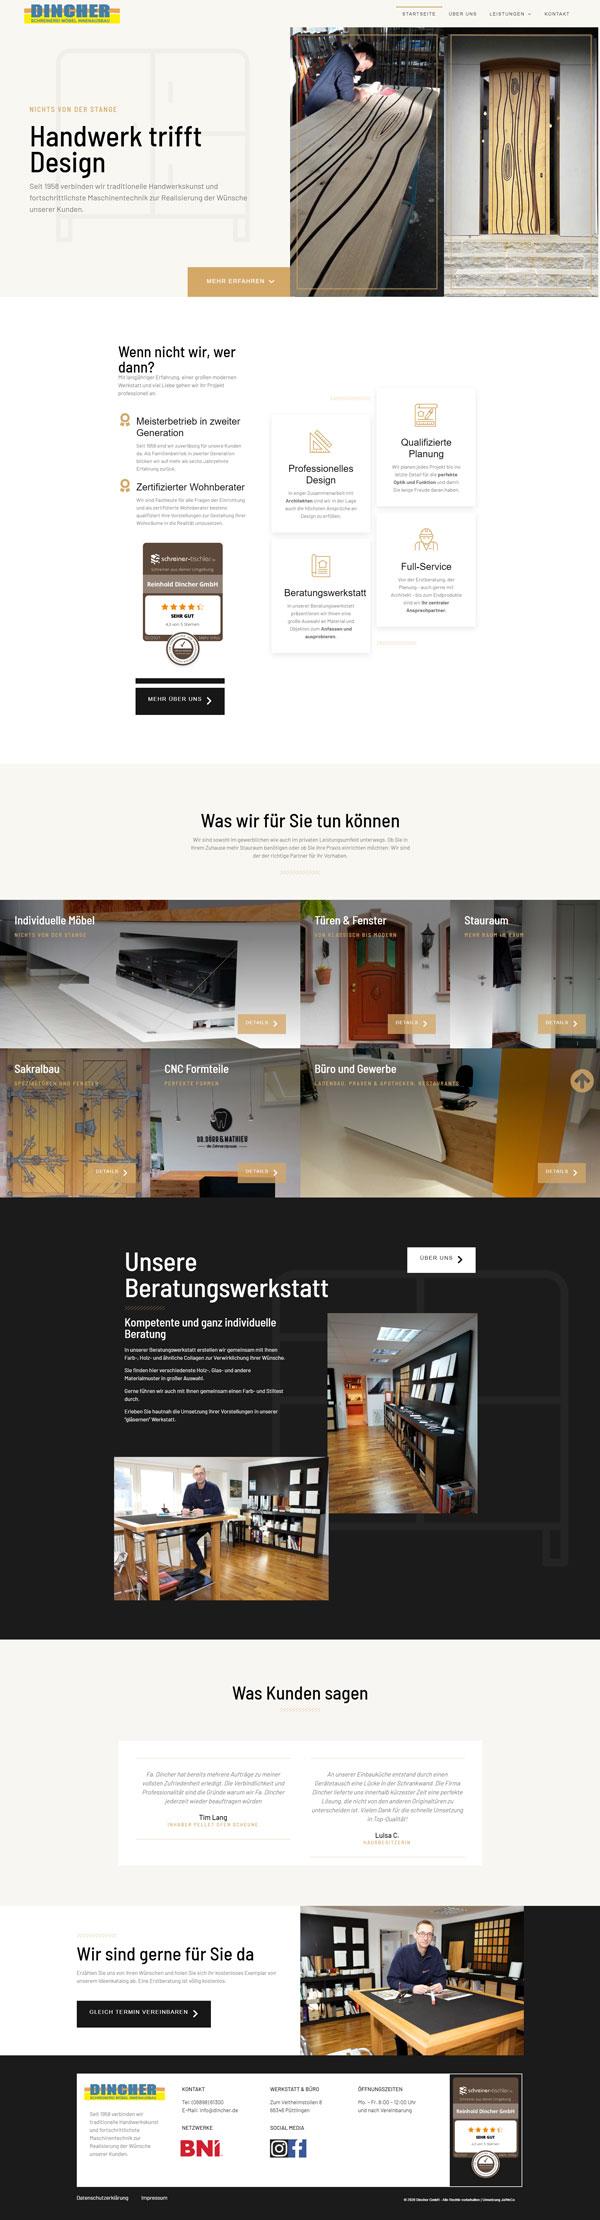 Firmen Website Screenshot